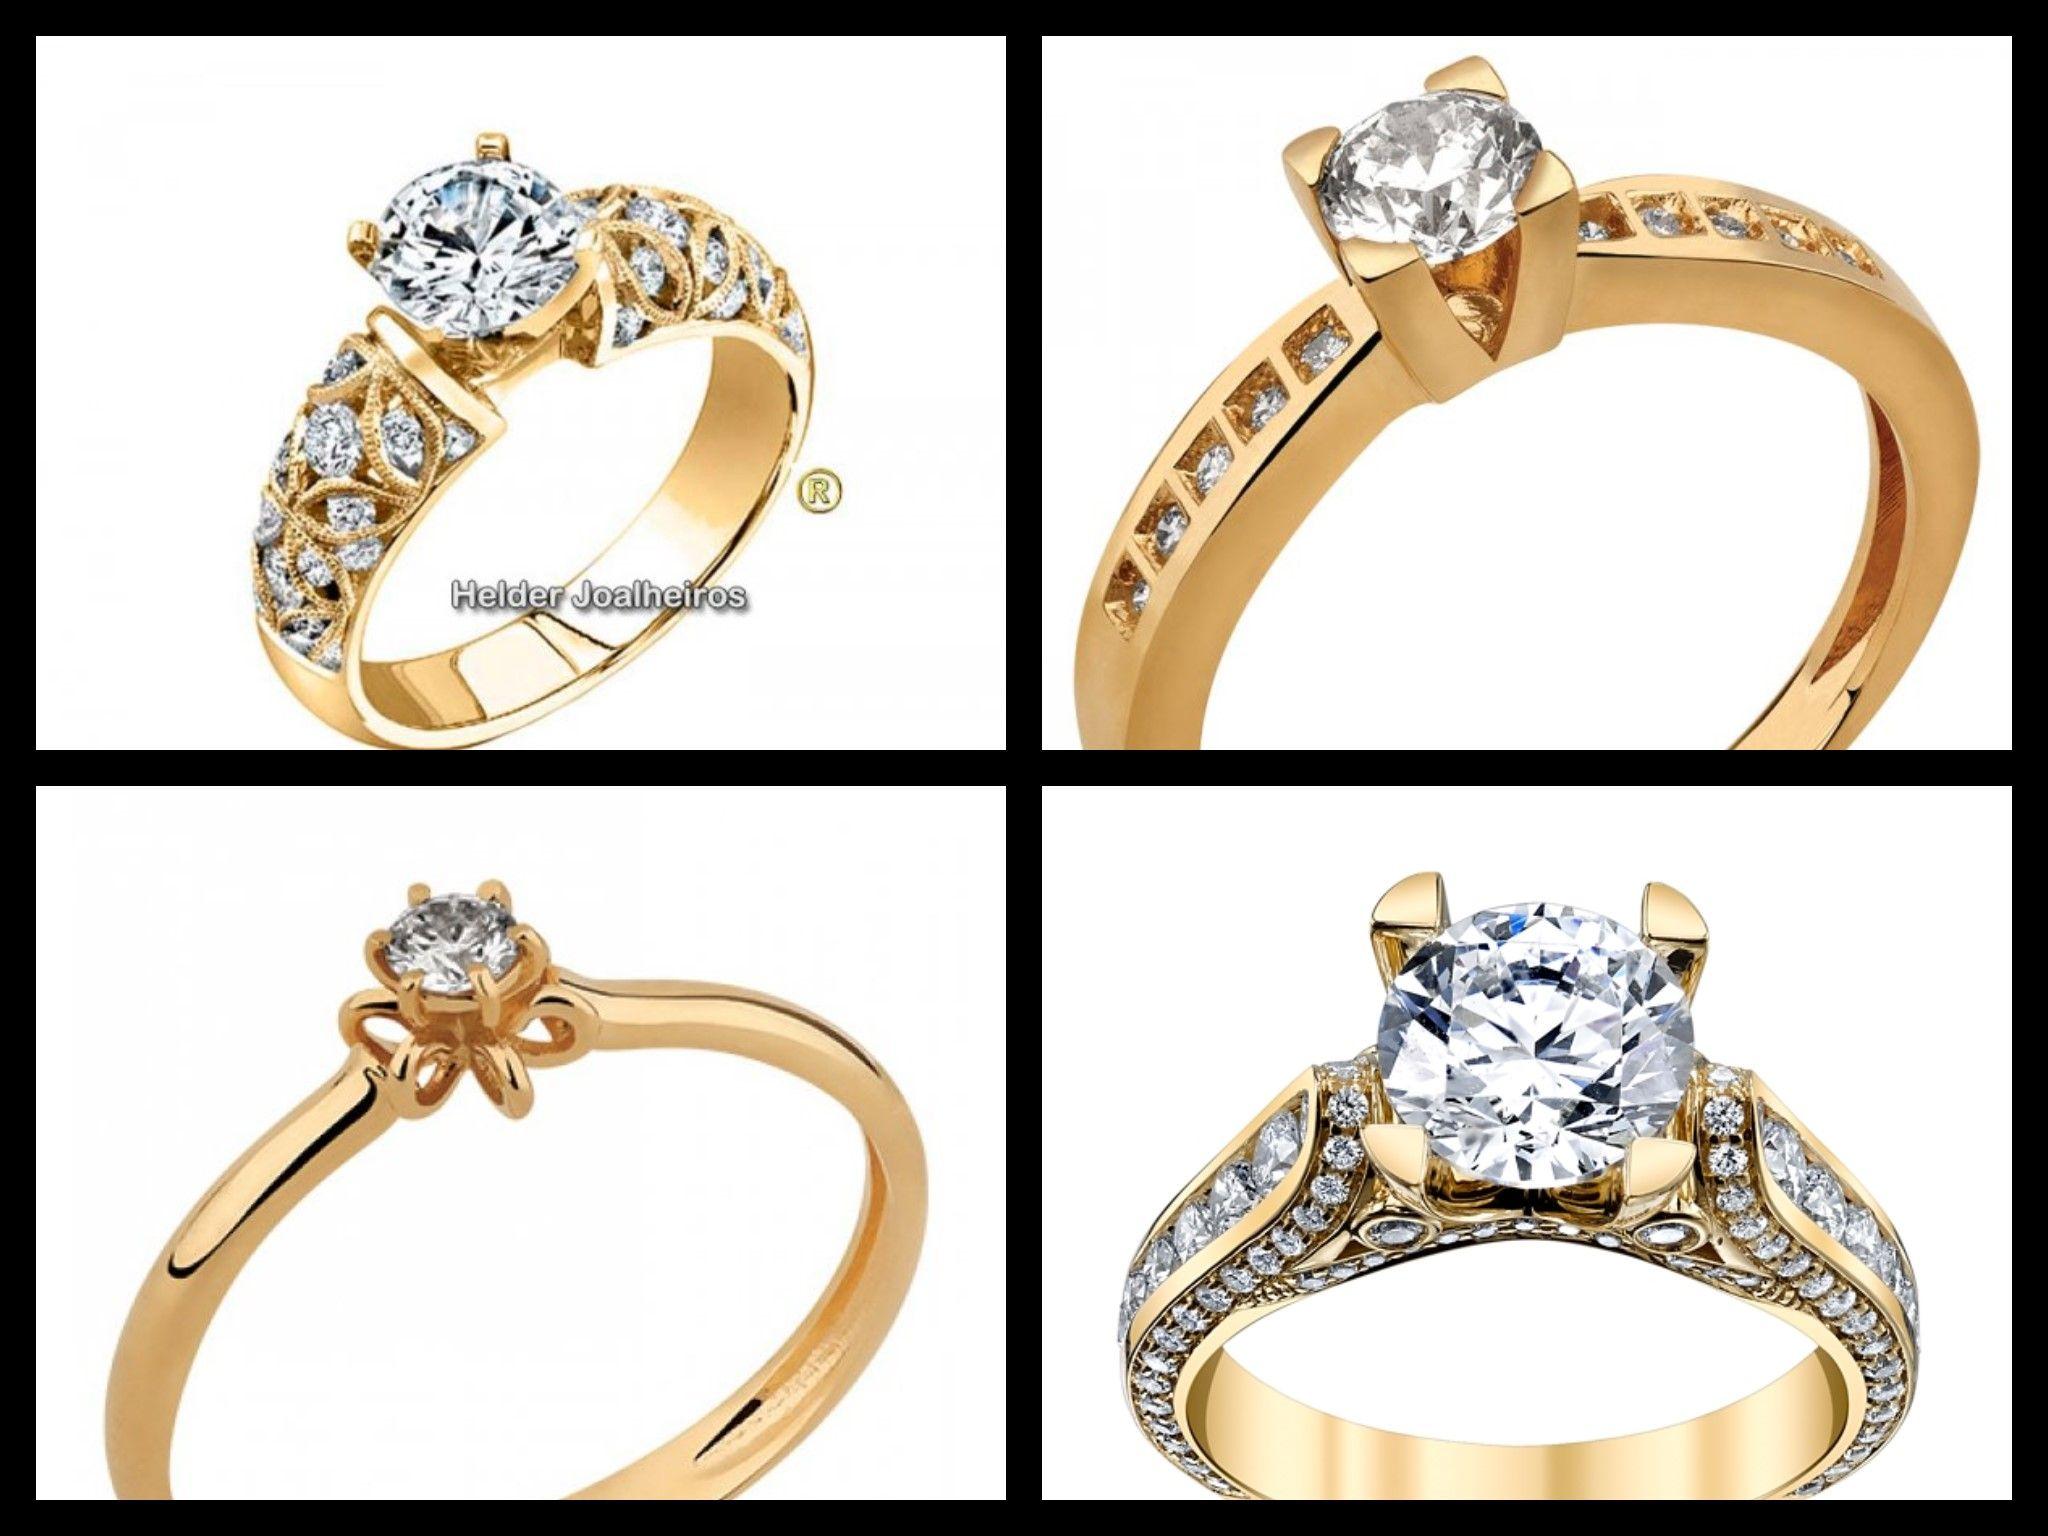 5573decac431a Modelos de Anéis para Debutantes Todos Feitos com Ouro 18K 750 com  Diamantes ou Zircônia com